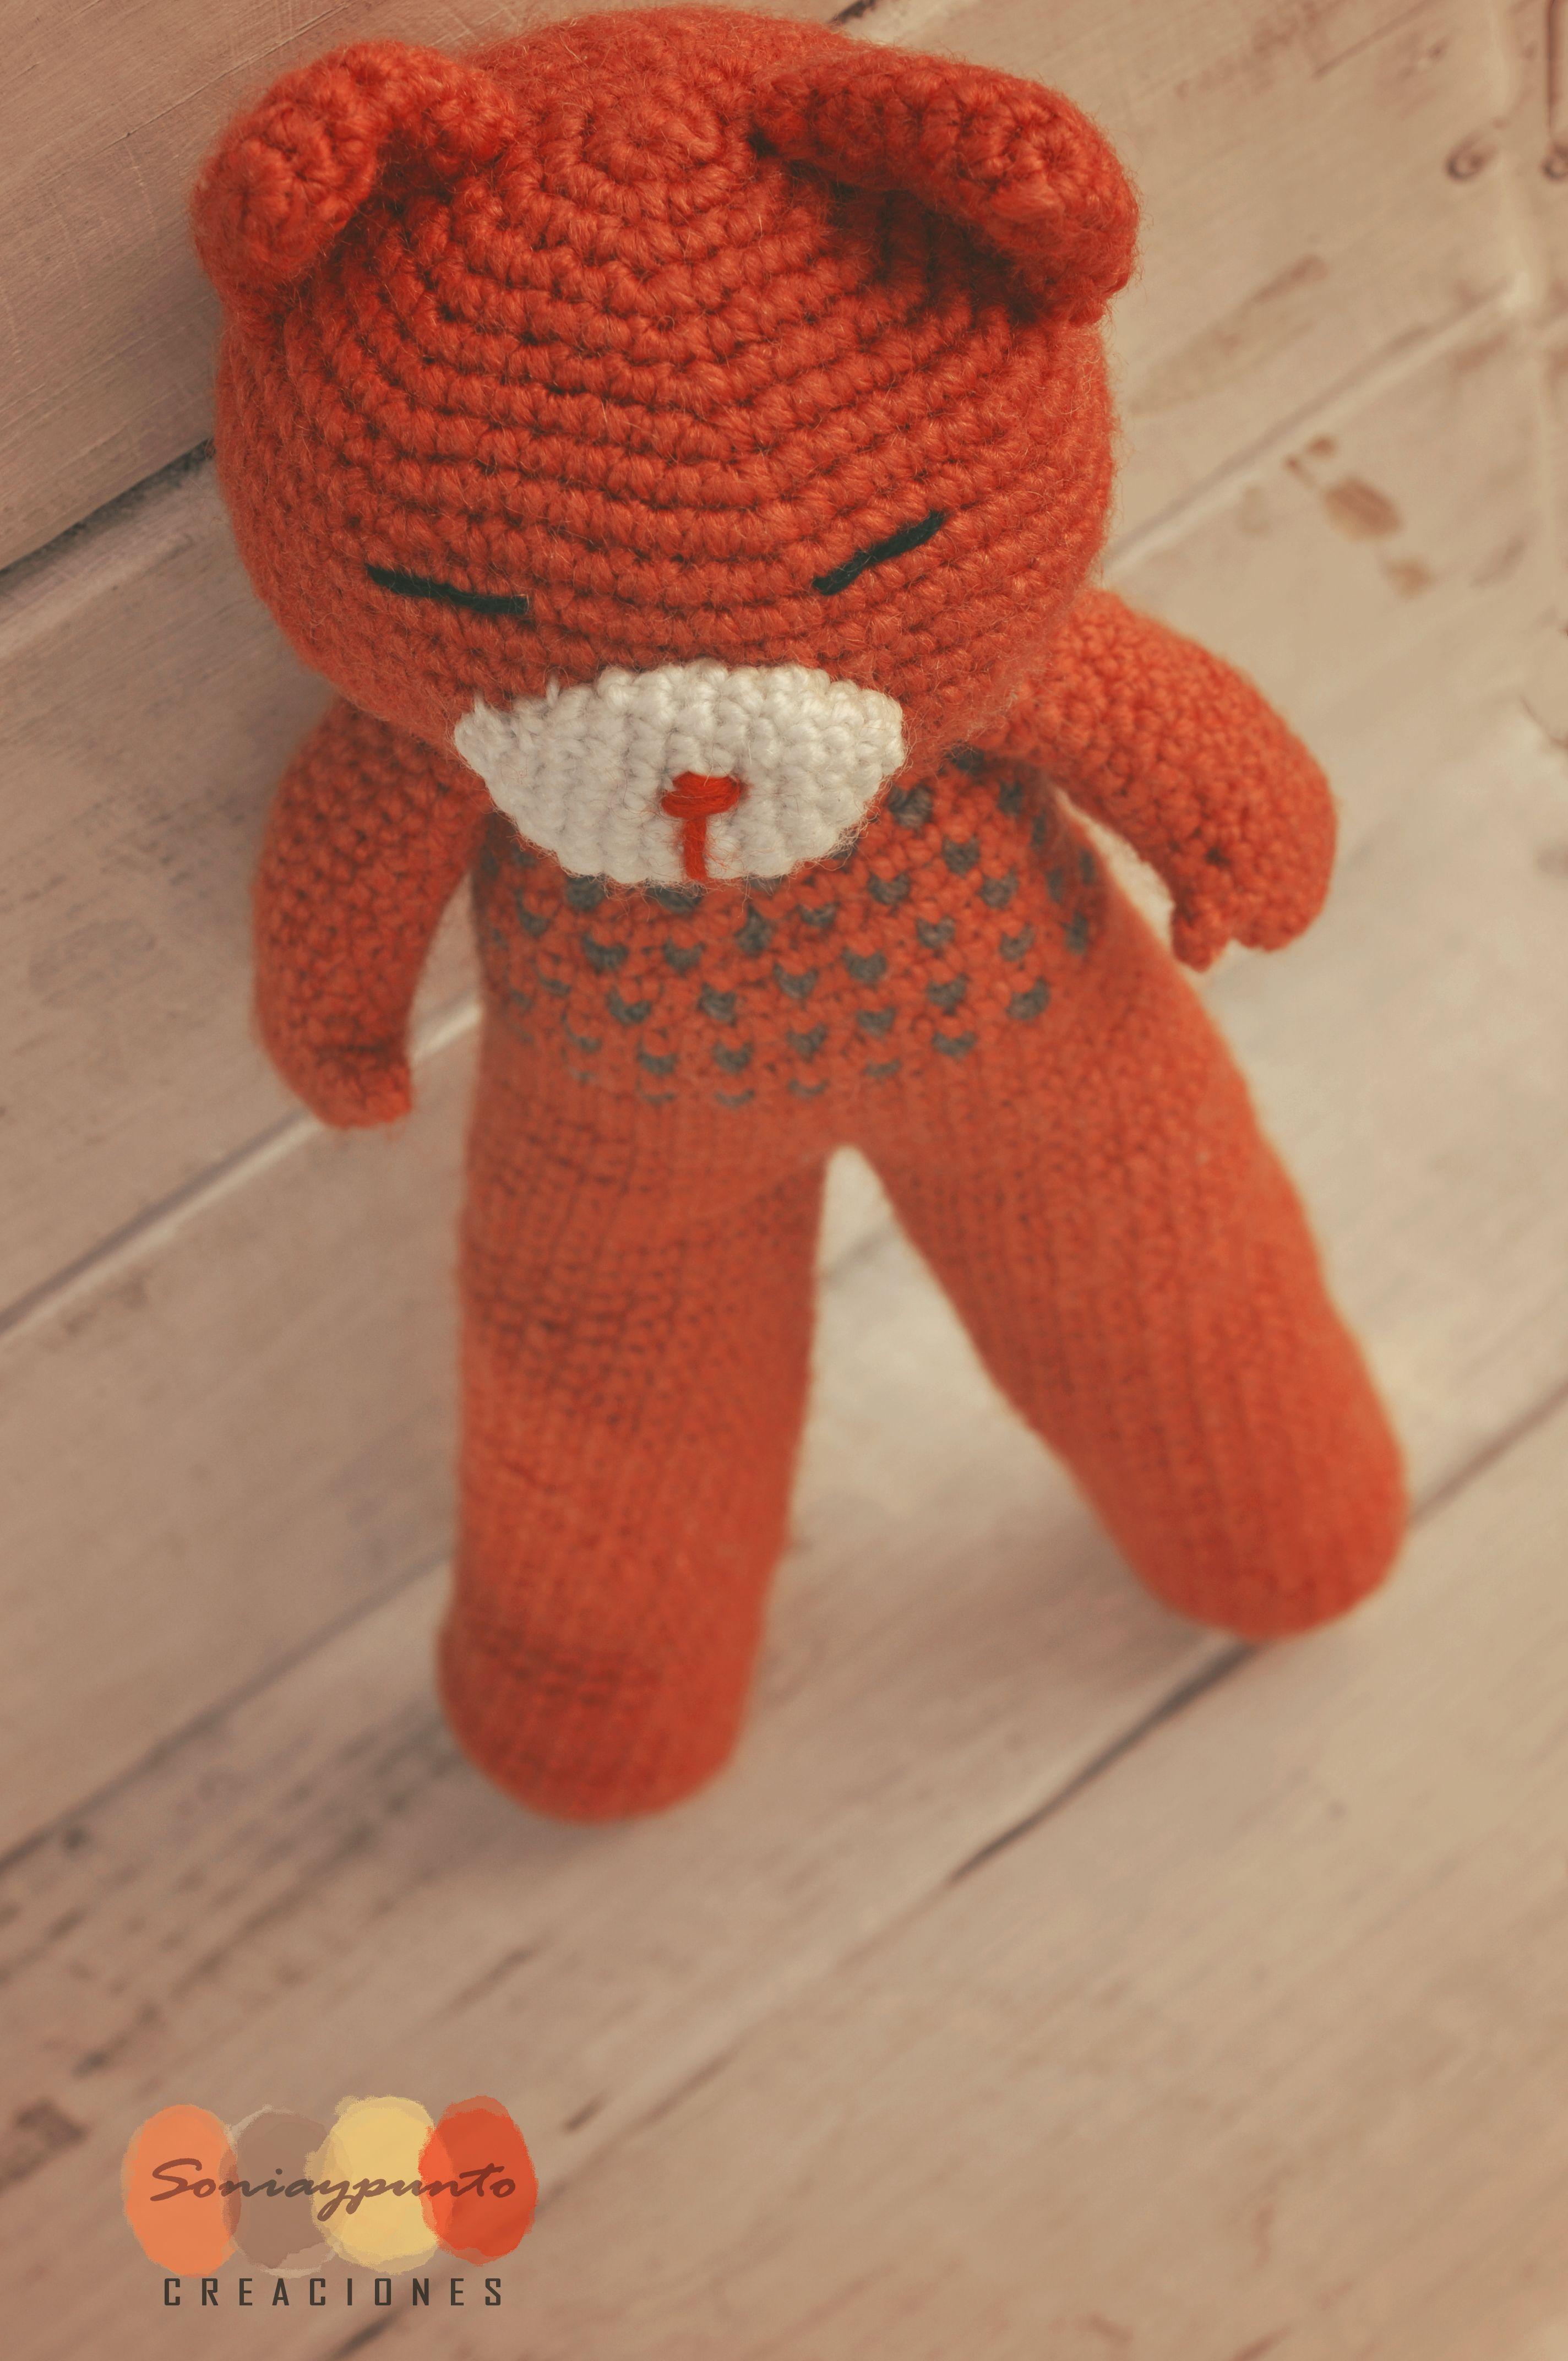 Gato naranja amigurumi by Soniaypuntocreaciones. Más en: goo.gl/QWmSBL